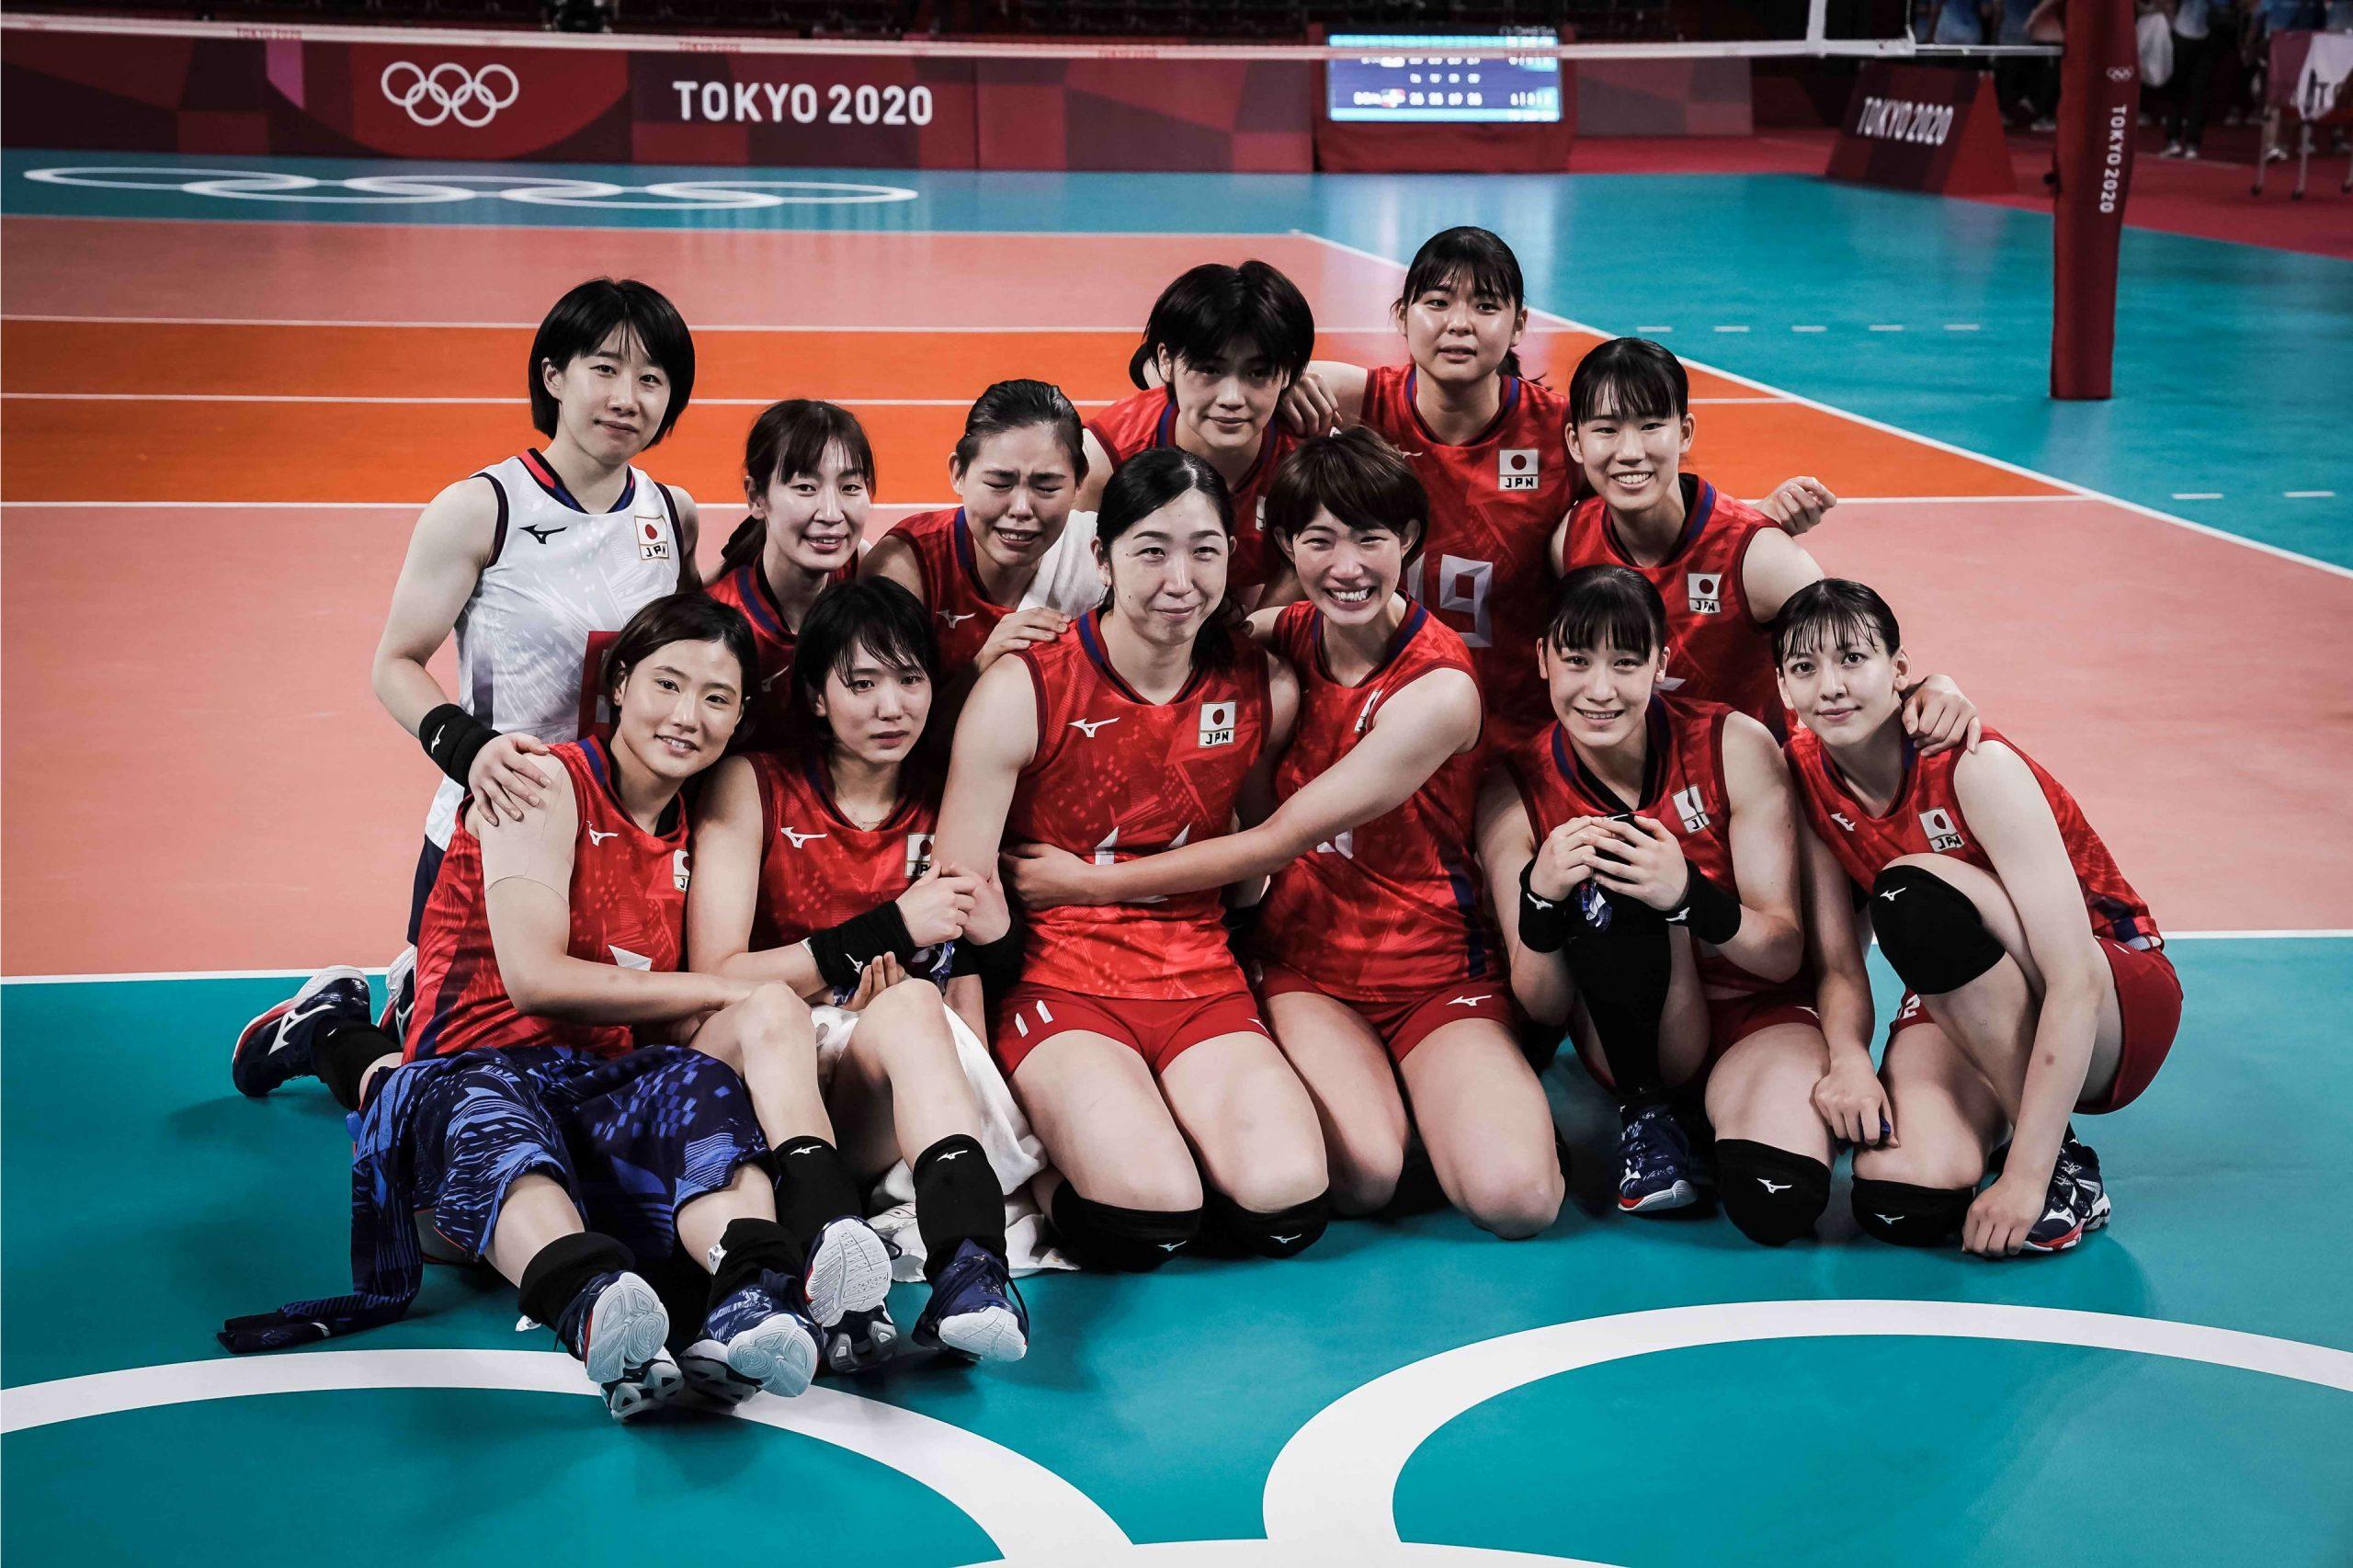 女子日本代表 予選リーグ敗退 ドミニカ共和国に1-3で敗れる